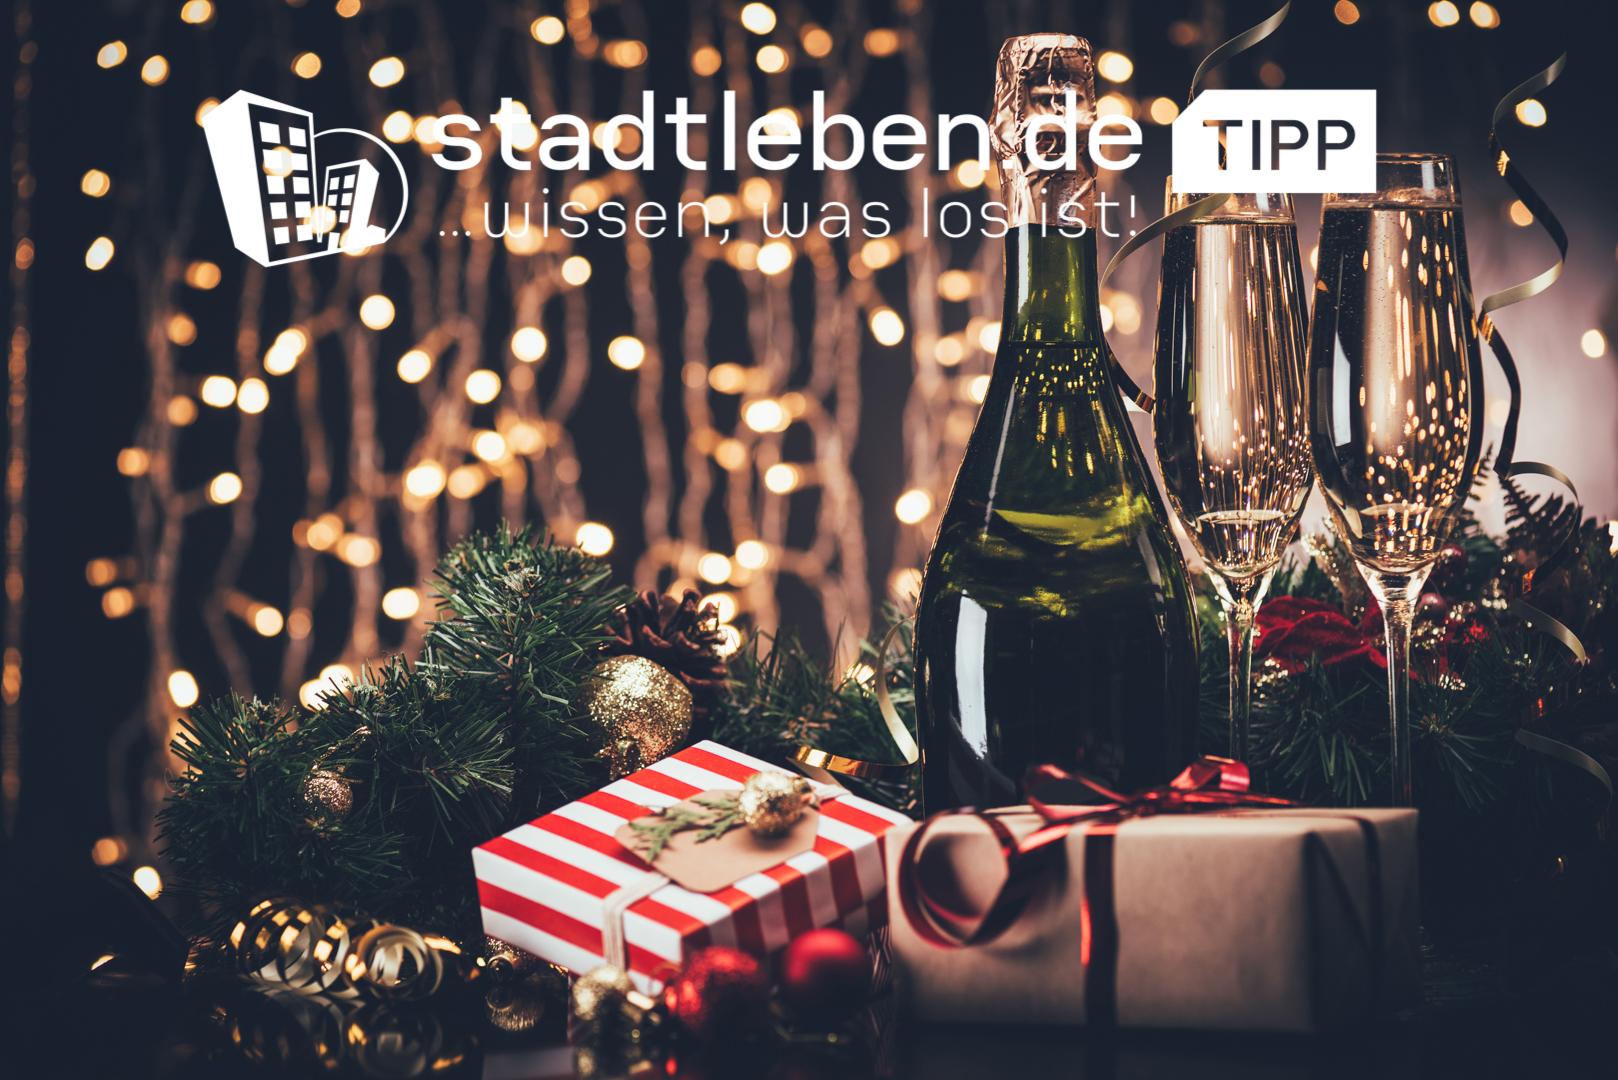 Alkohol, Menschen, Weihnachten, Engel, Tannenbaum, Schmuck